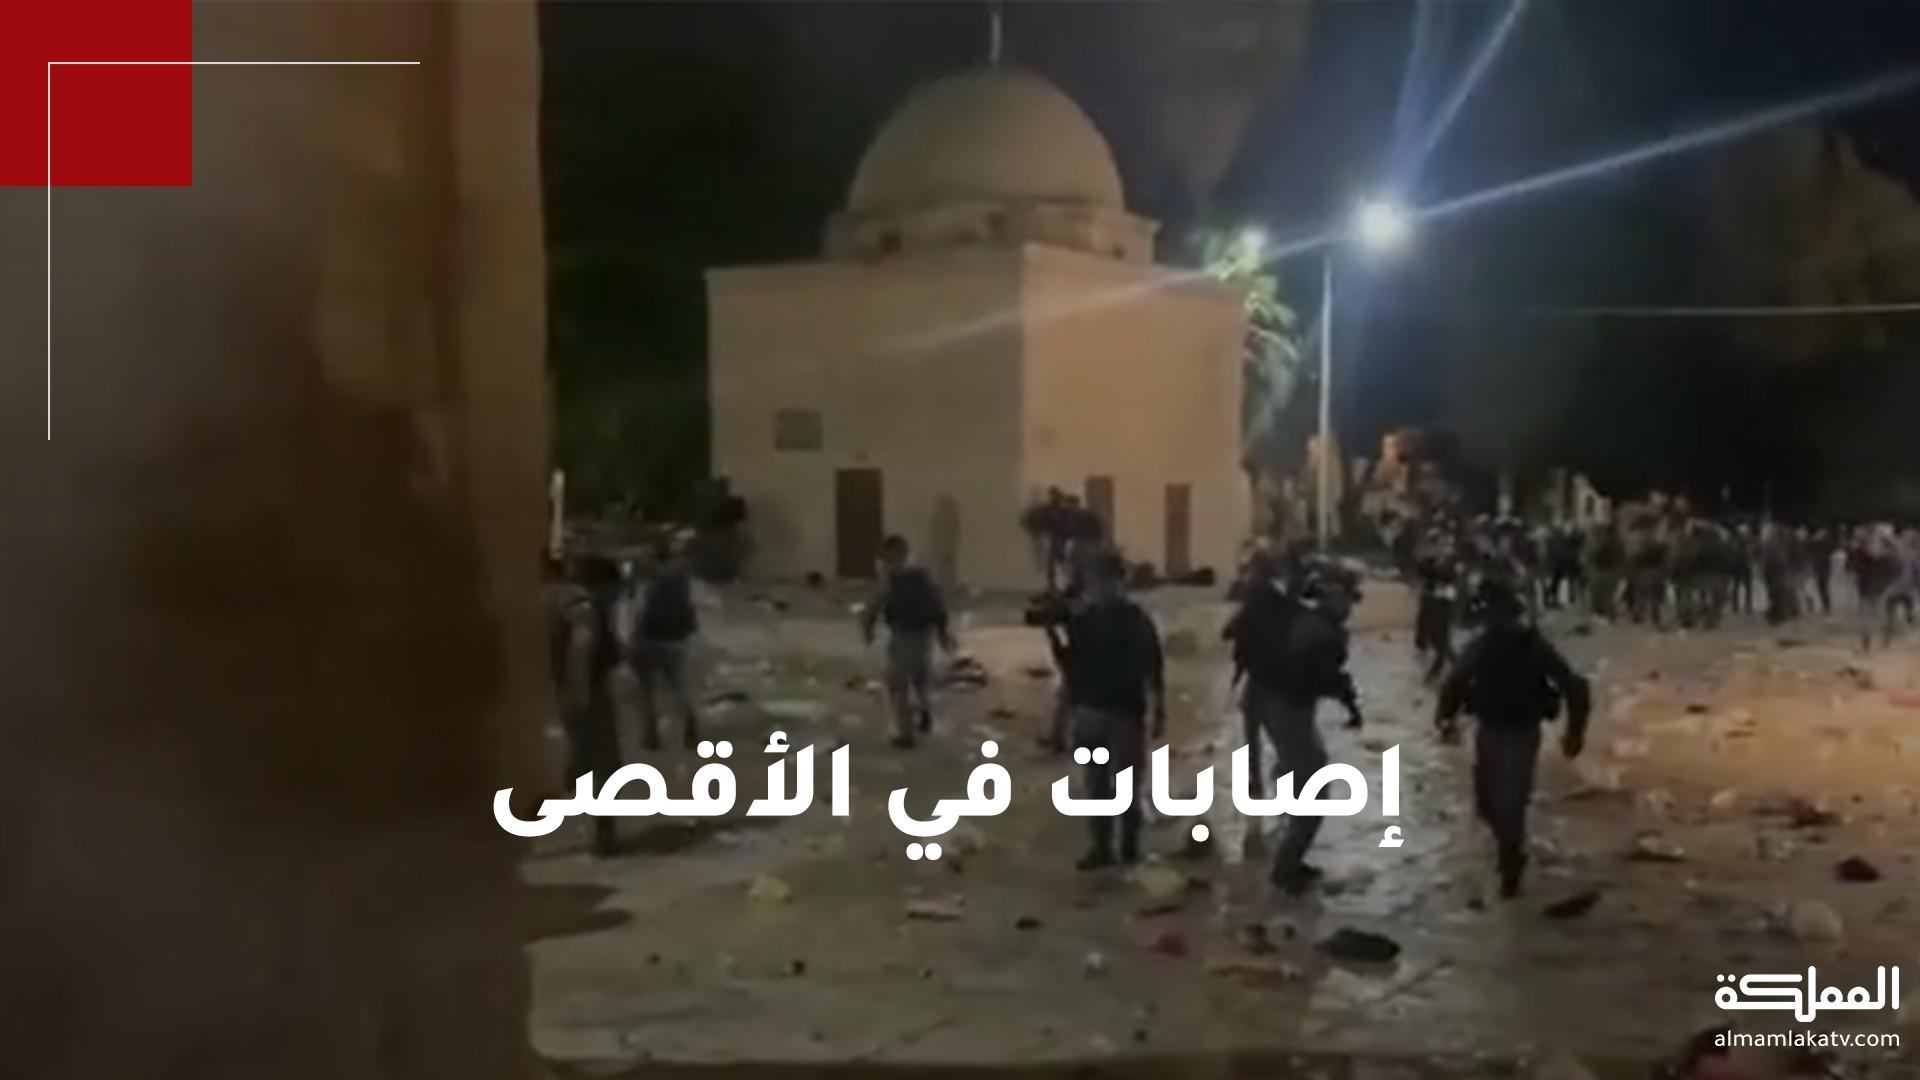 مواجهات في المسجد الأقصى في العاصمة الفلسطينية القدس بين الفلسطينيين وقوات الاحتلال الإسرائيلي